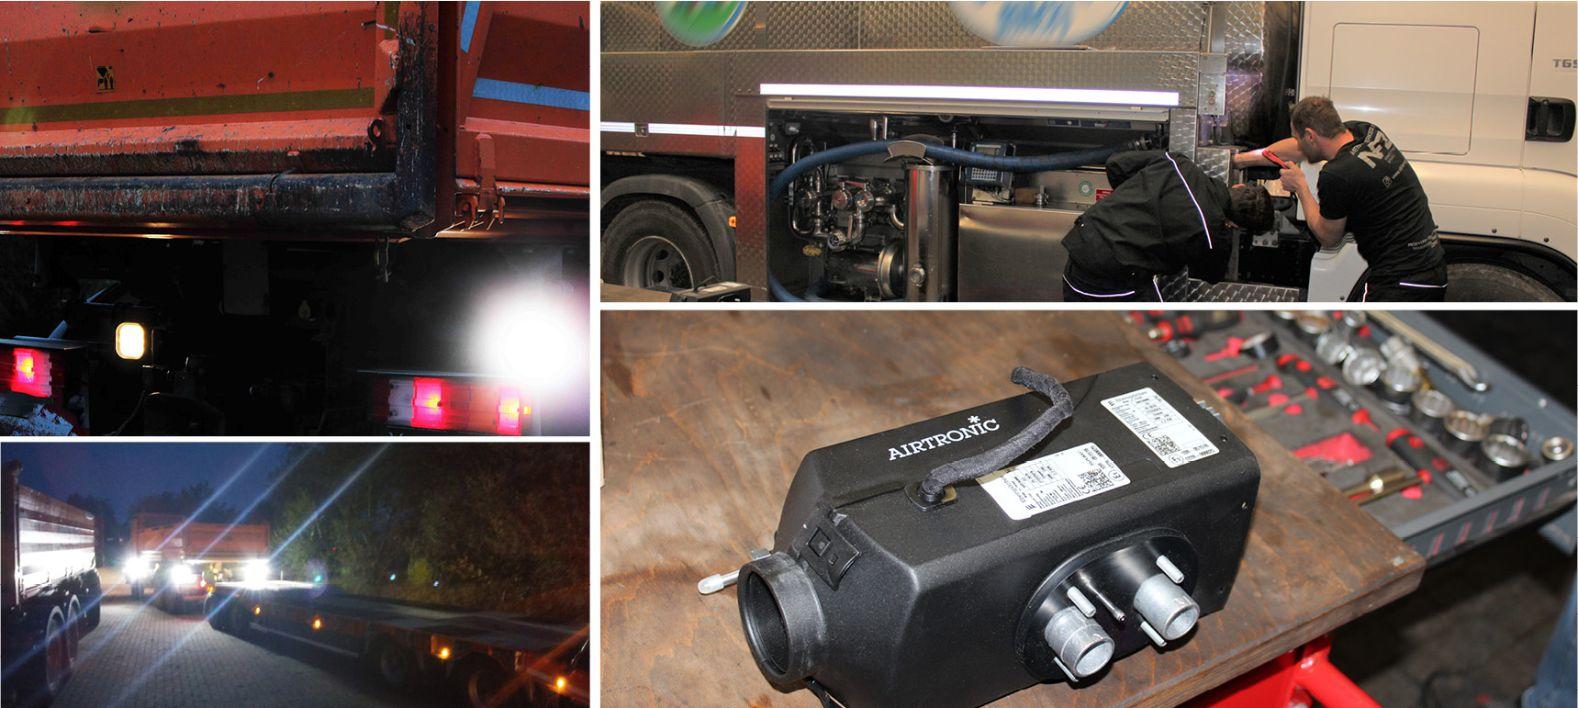 Nachrüstungen für Lkw: Arbeitsscheinwerfer und Standheizung